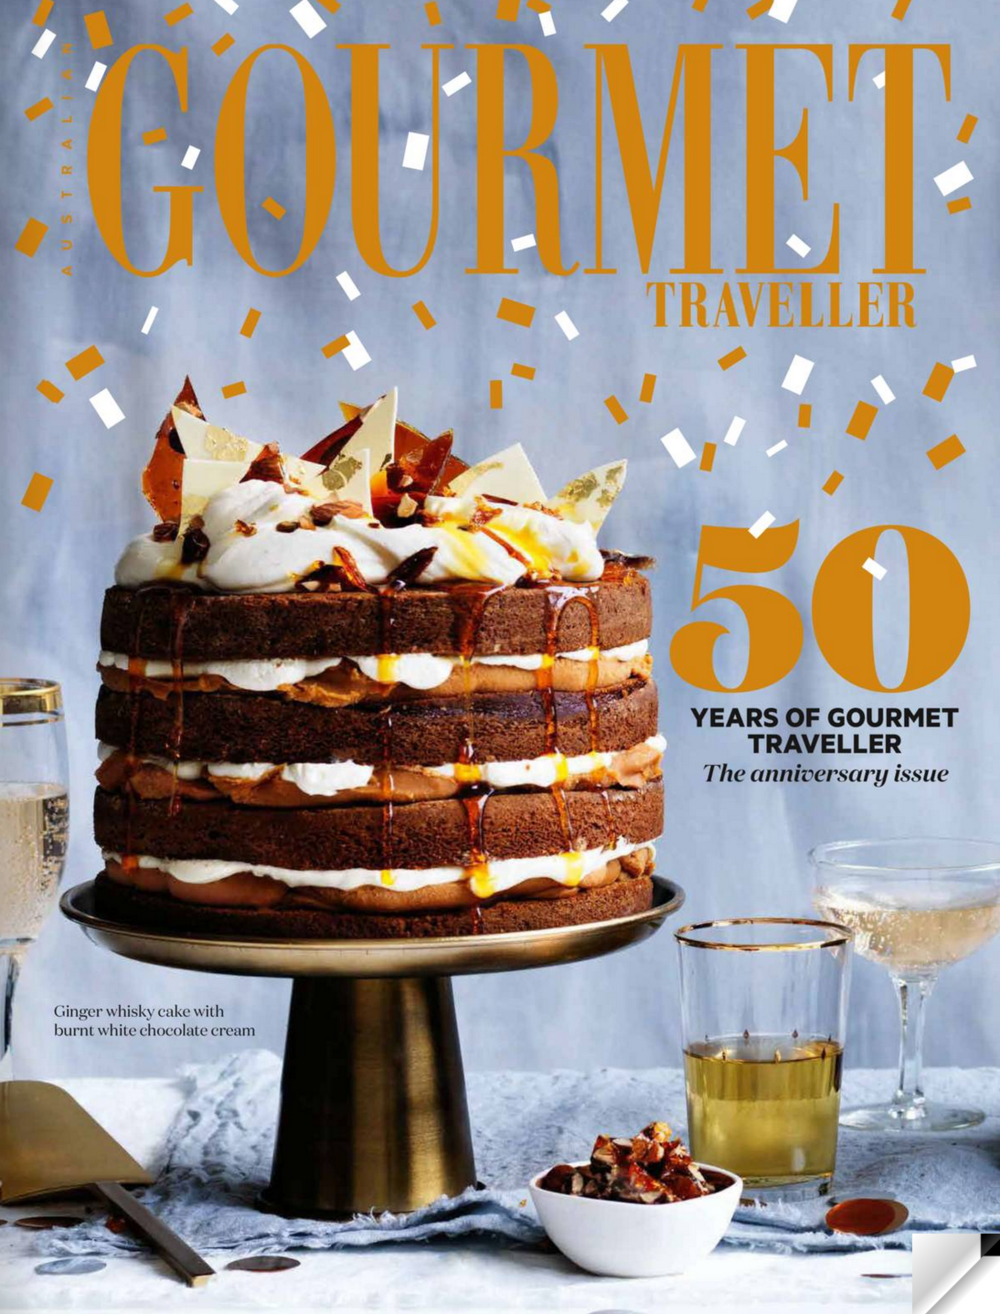 Gourmet Traveller 50 Years